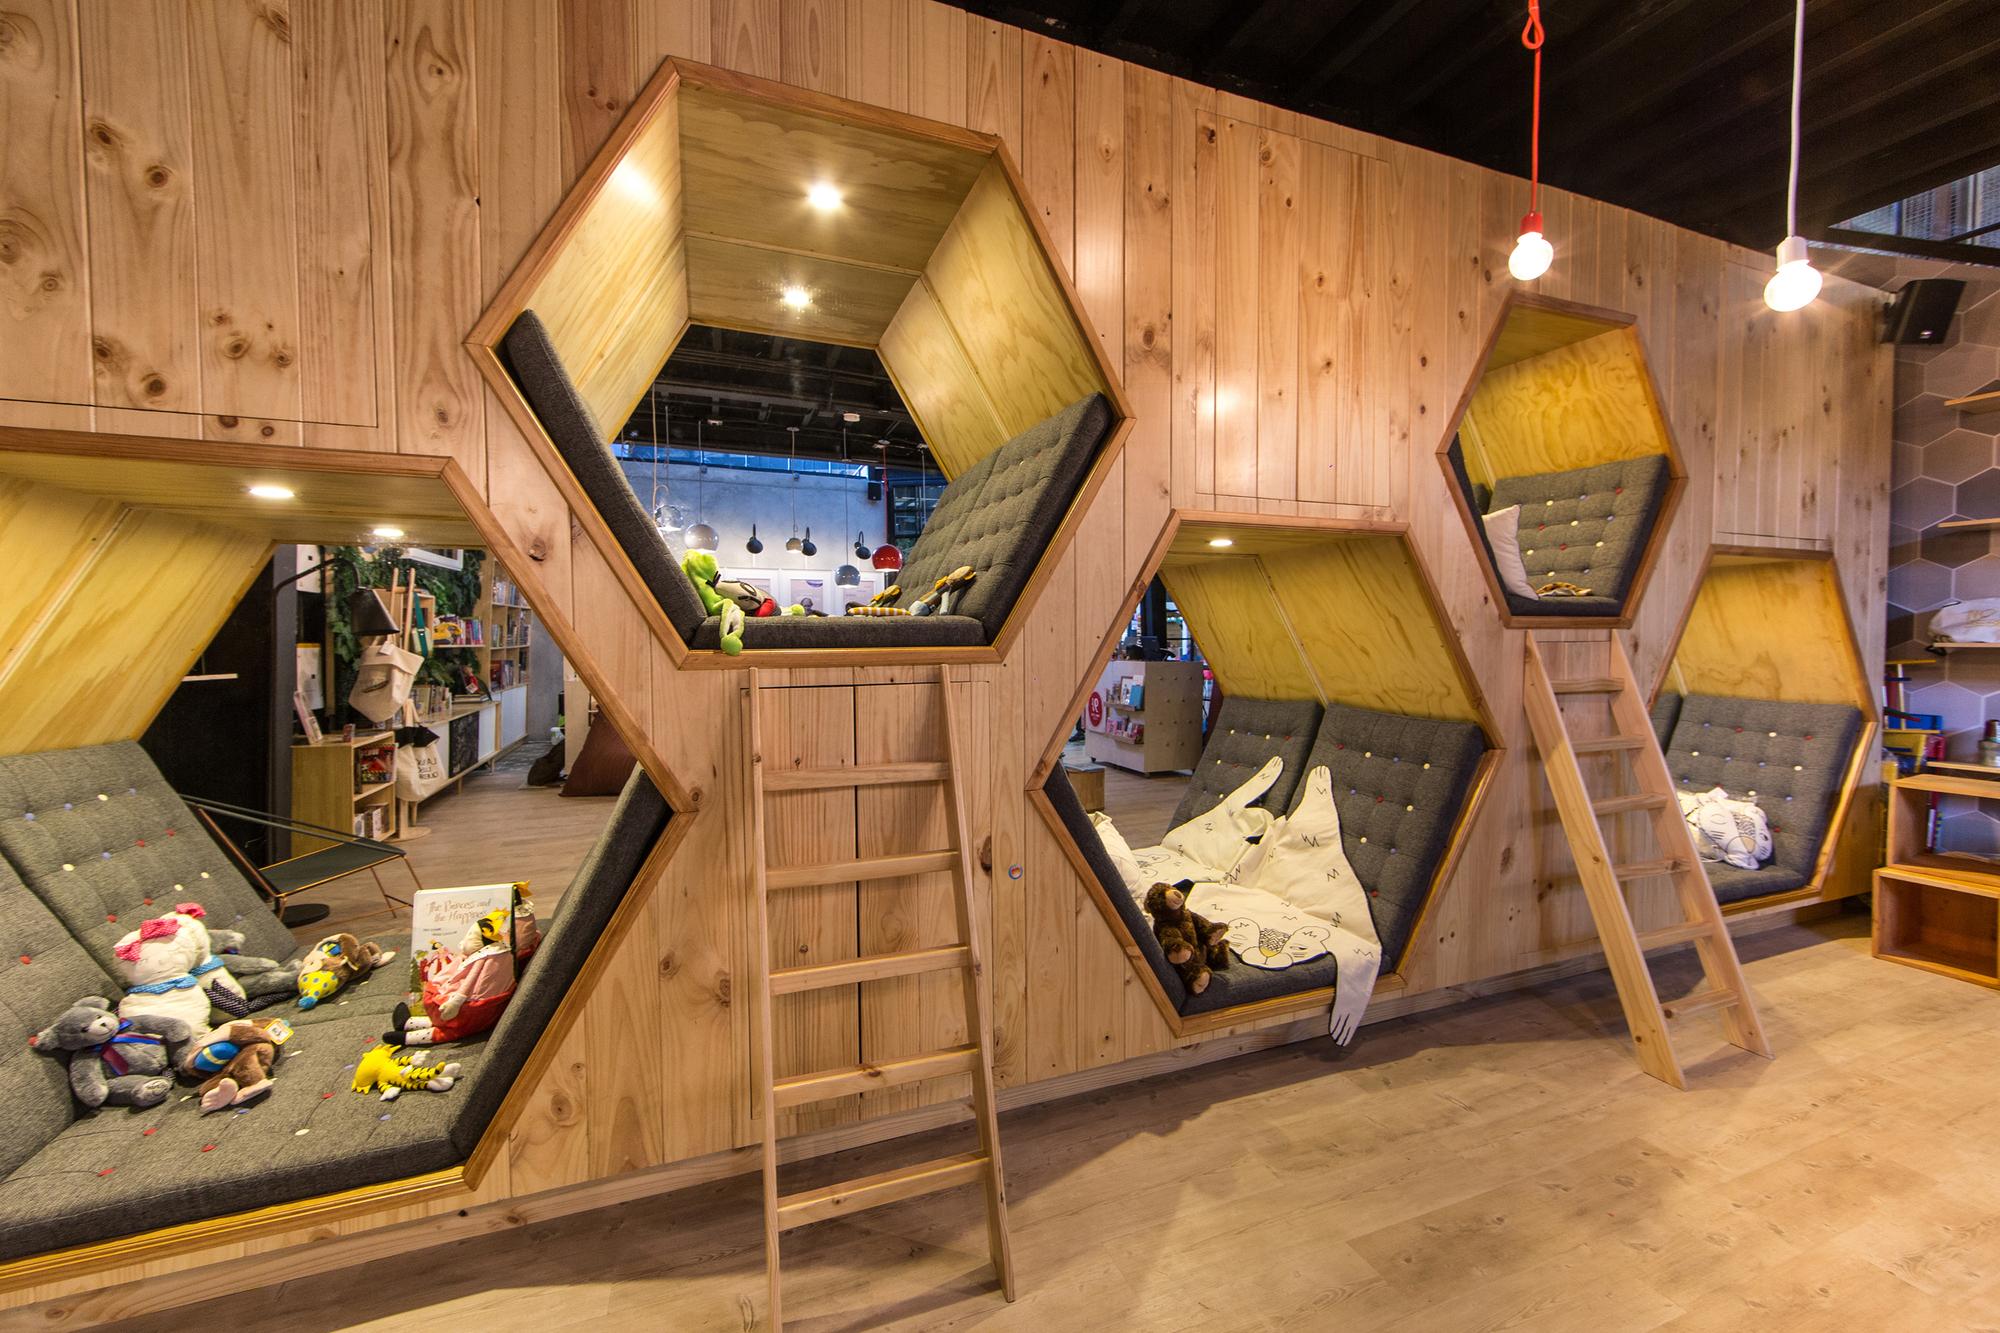 Galer a de 9 caf librer a plasma nodo 1 for Interior design 9